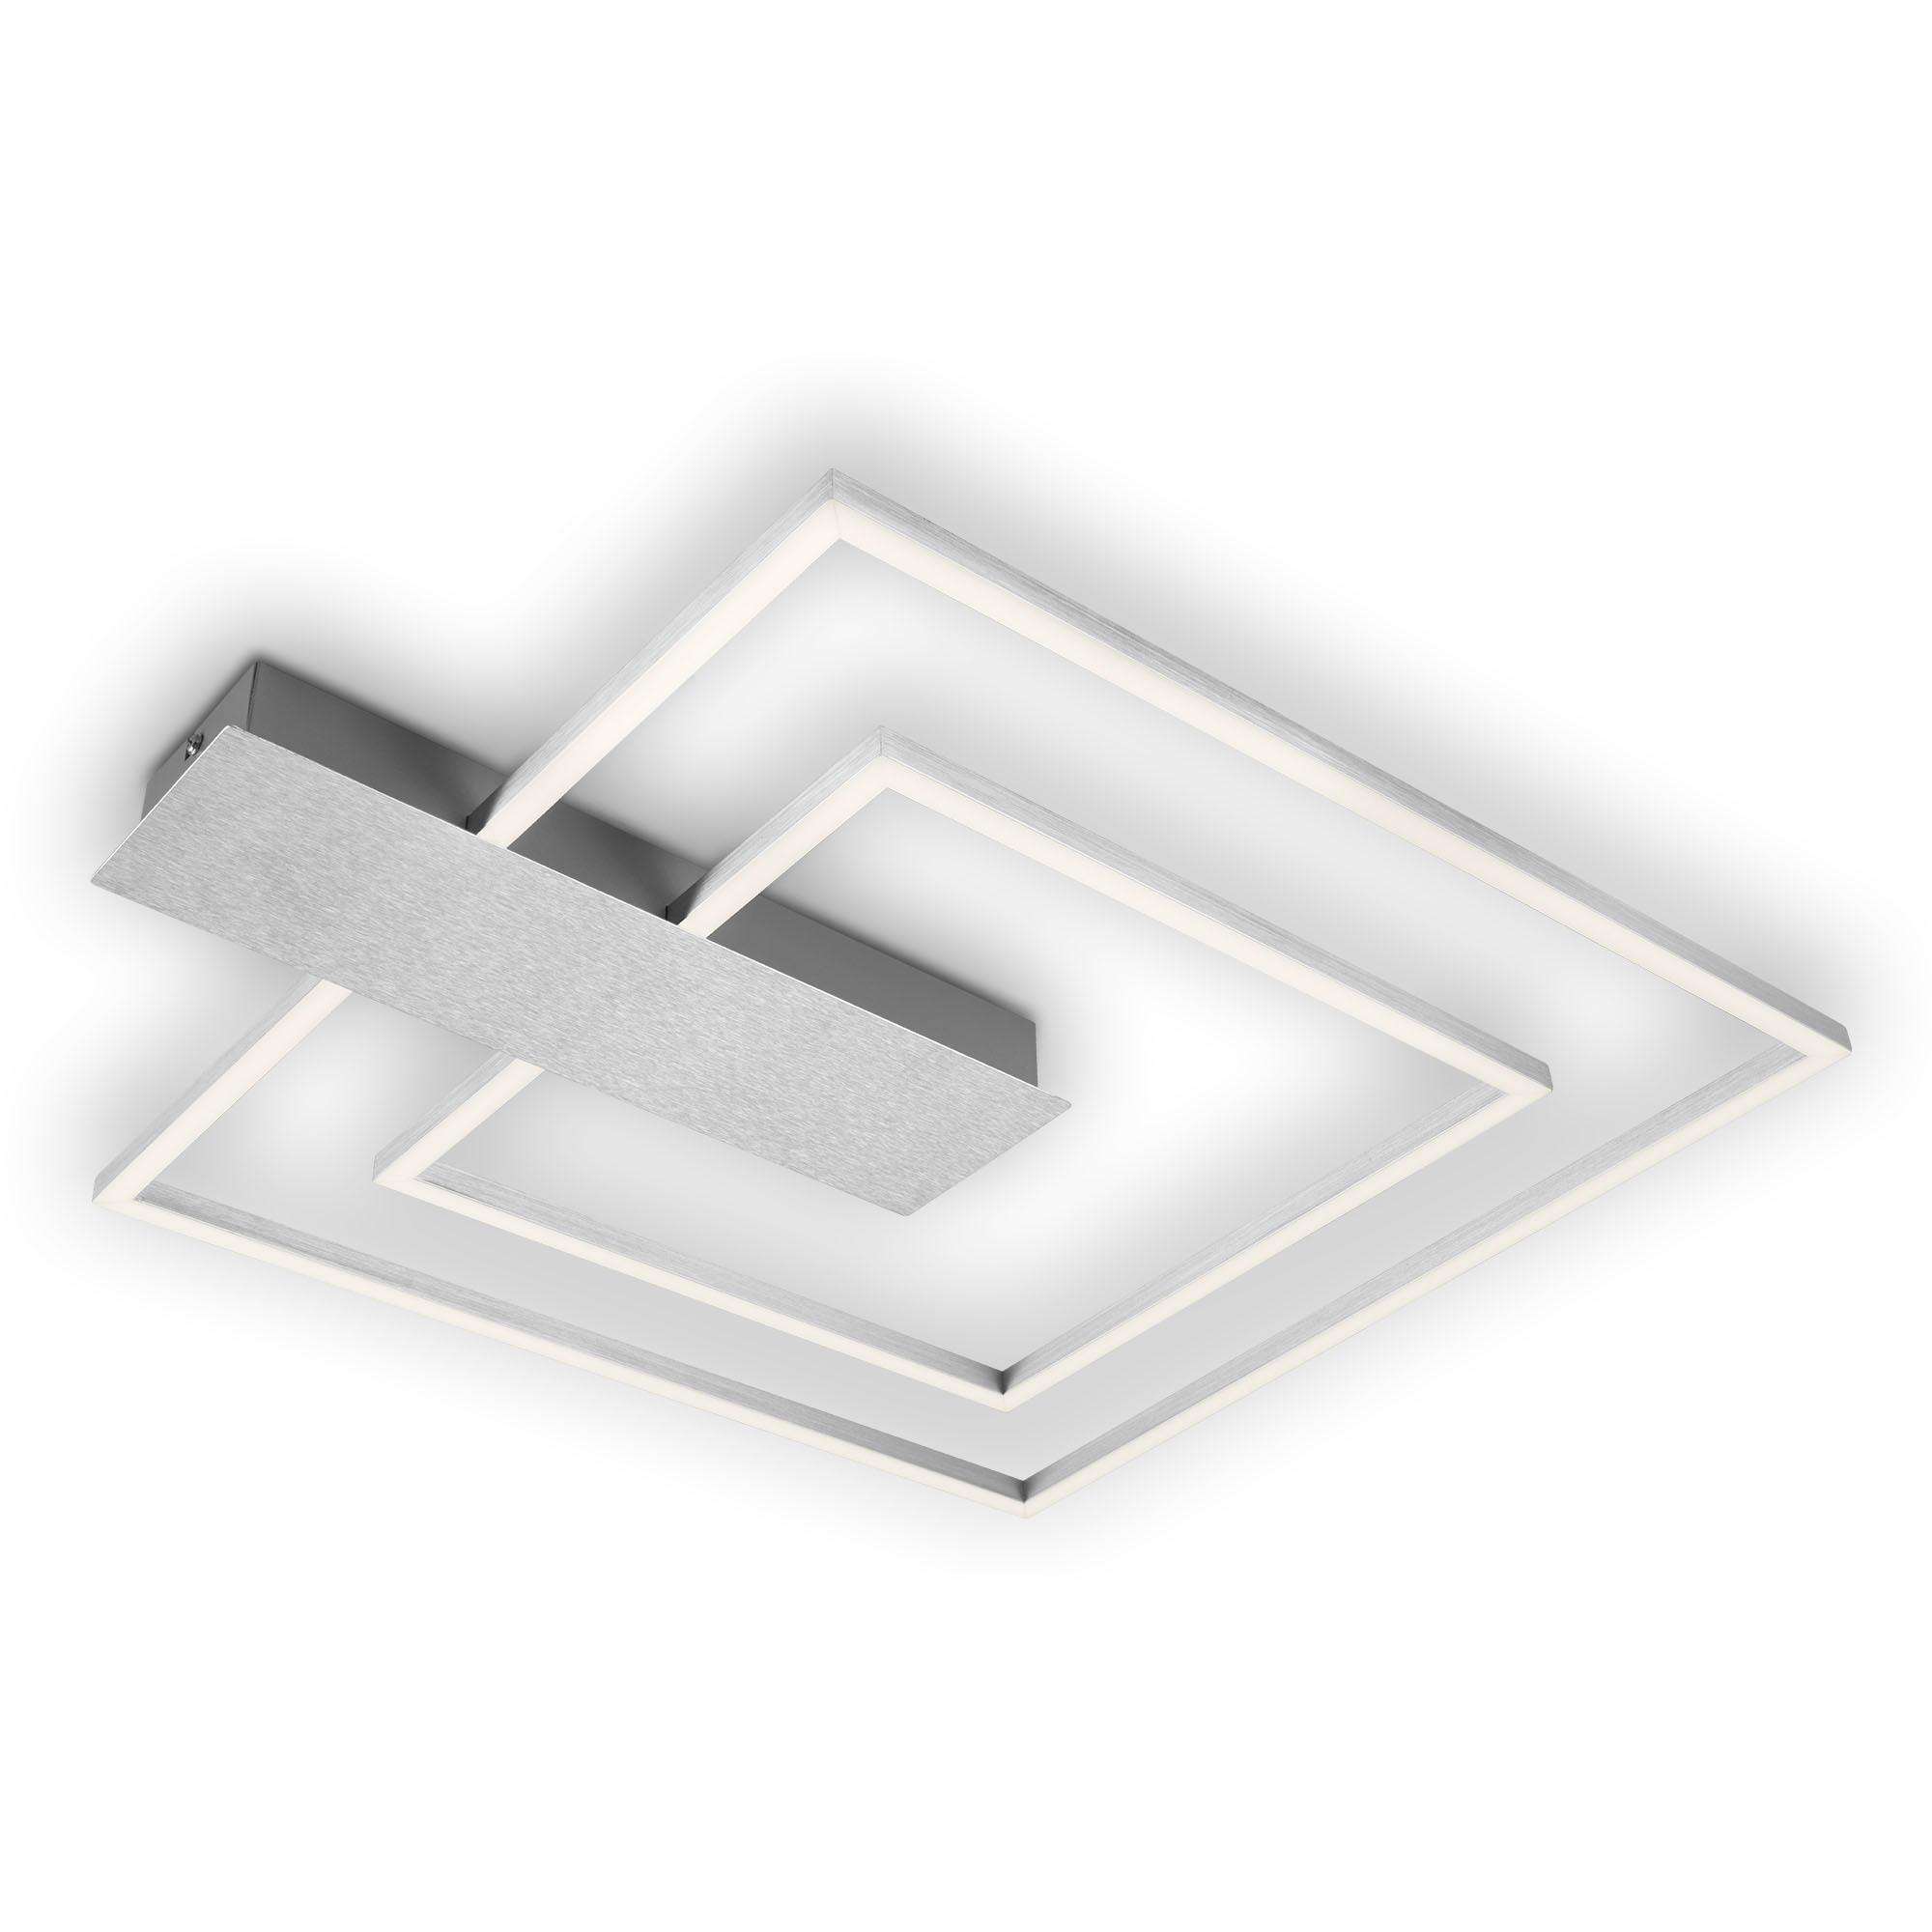 LED Deckenleuchte, 57 cm, 25 W, Alu-Chrom